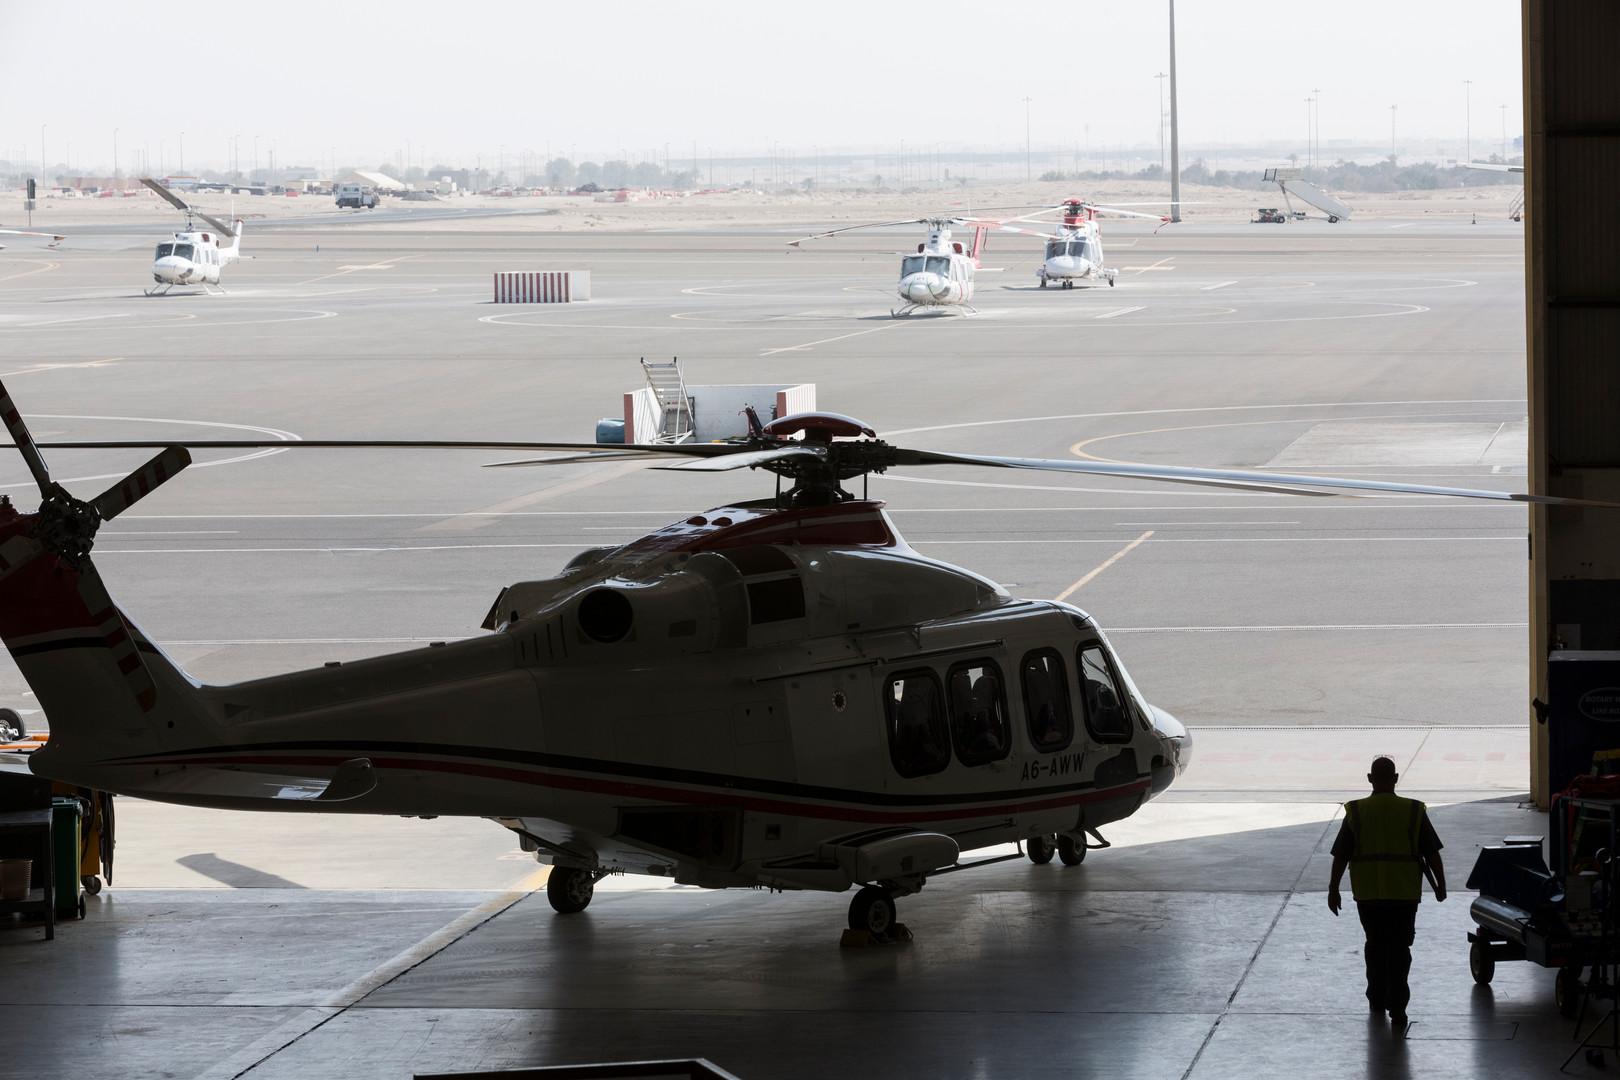 Abu Dhabi Aviation